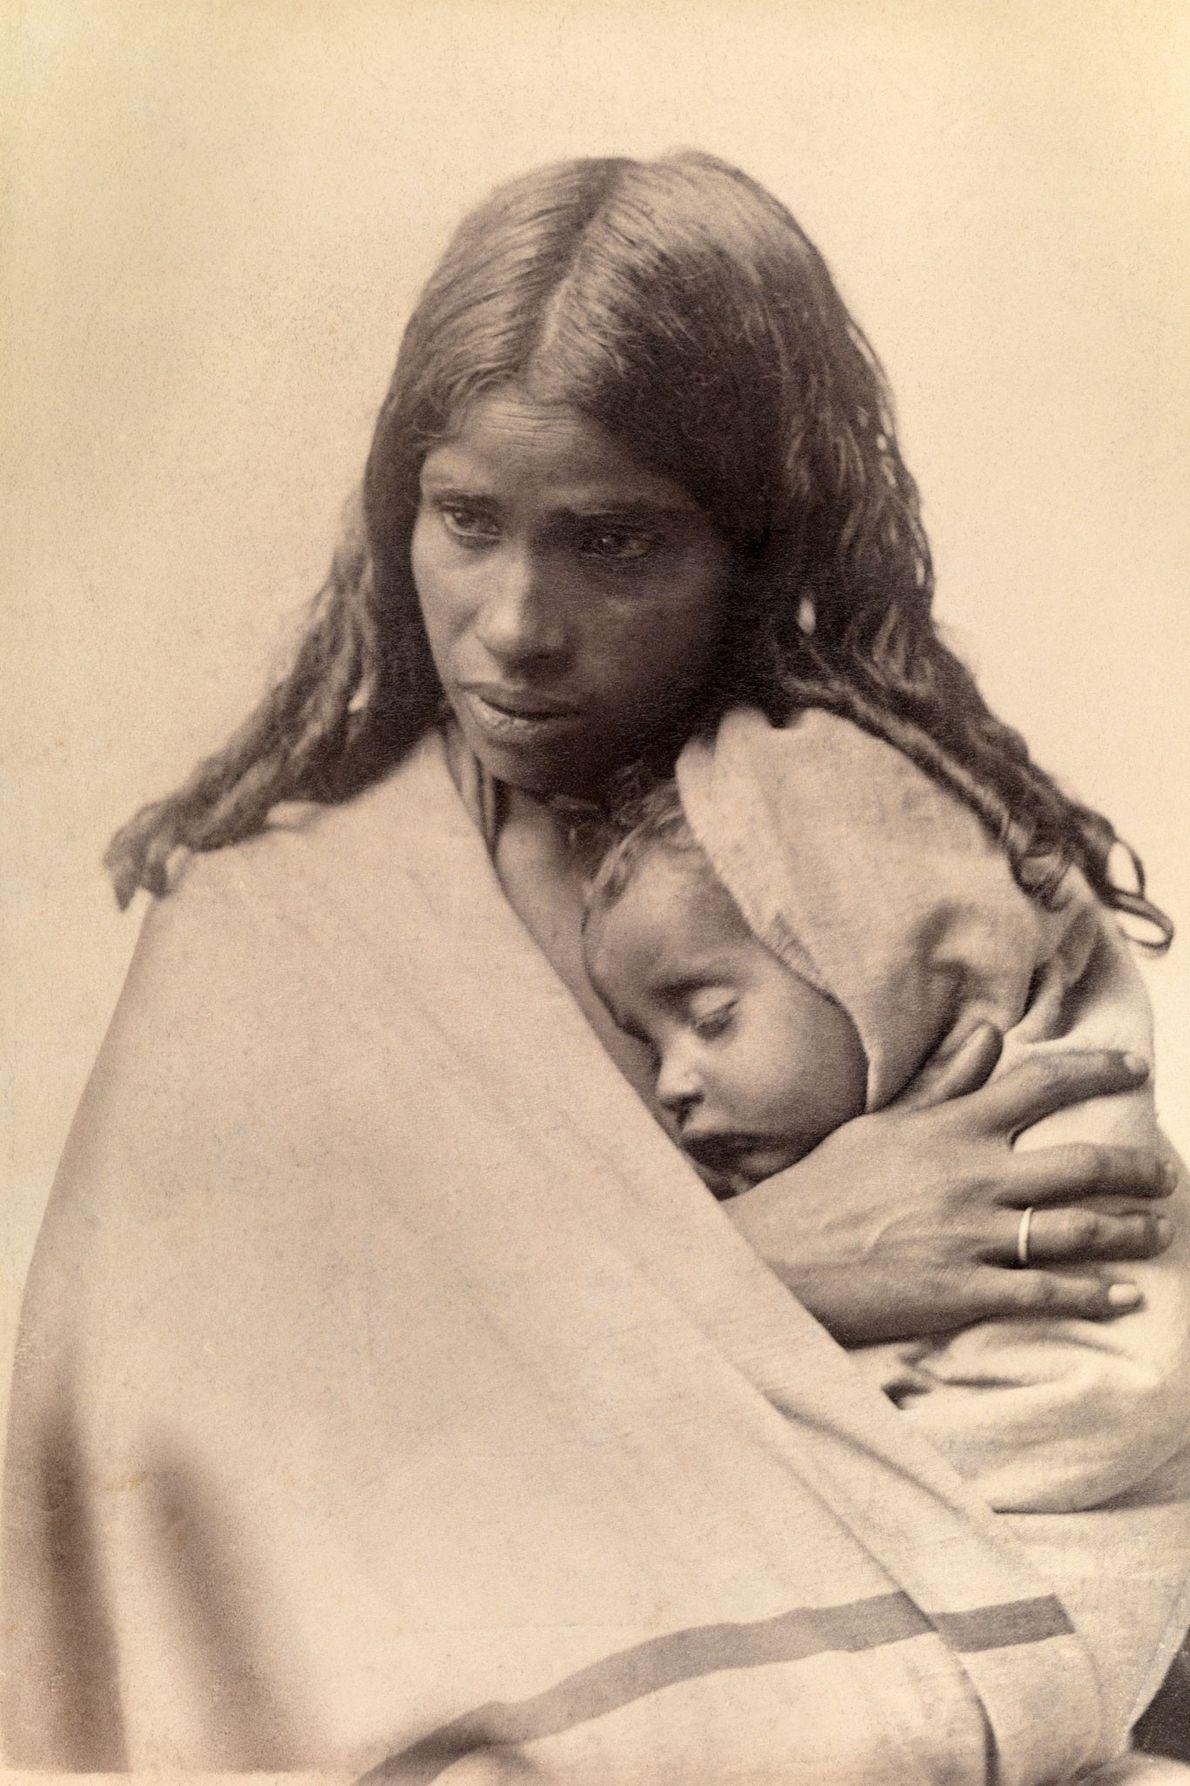 Bei Madras in Indien schläft ein Toda-Kind in den Armen seiner Mutter.